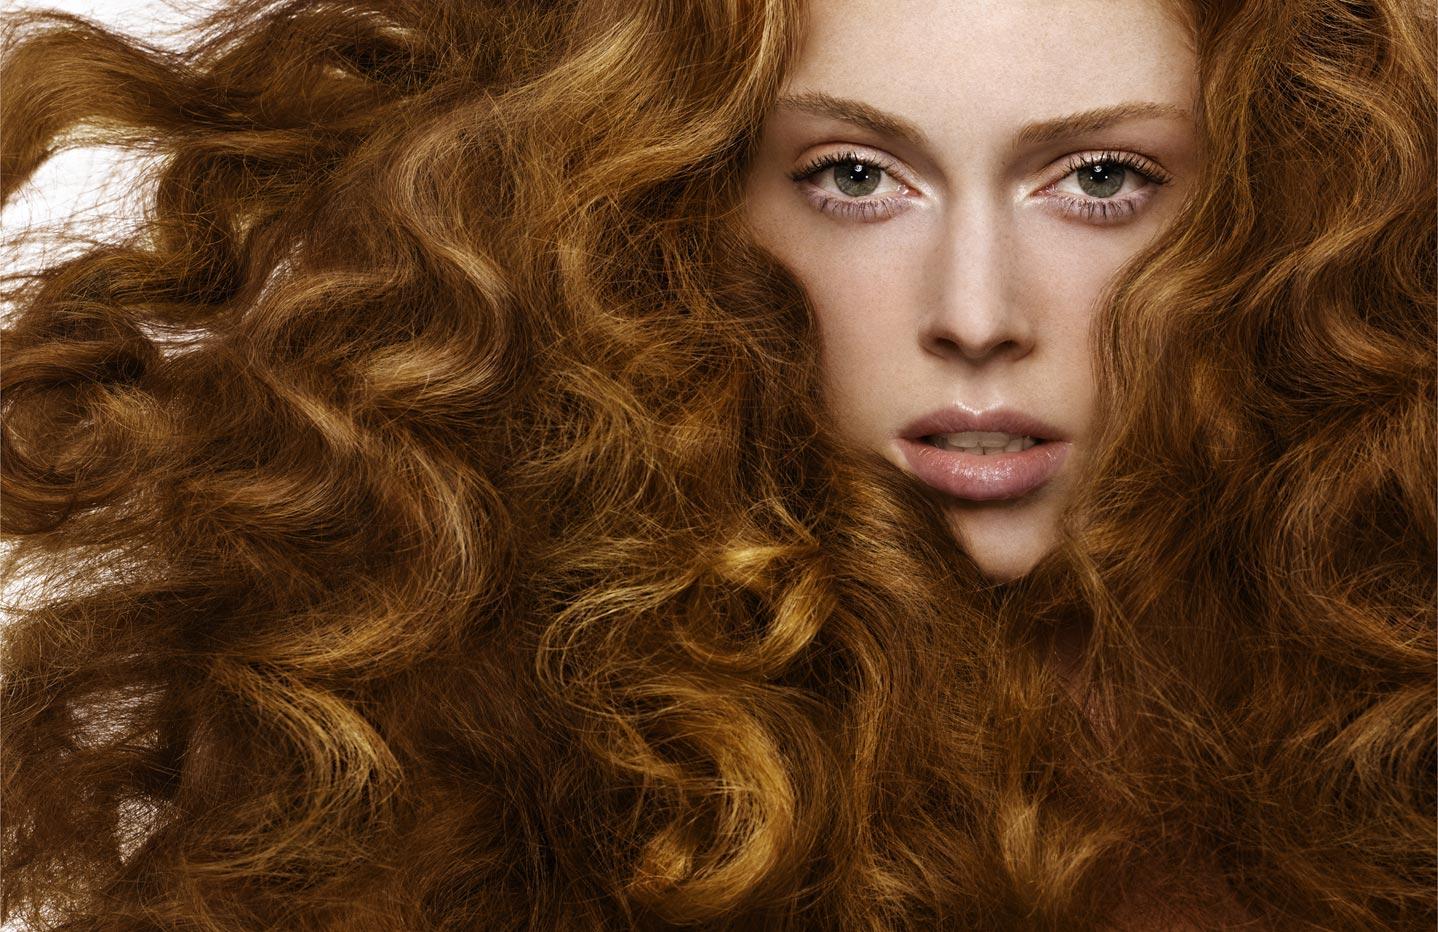 Укрепляющие маски для волос: их разновидности и список лучших